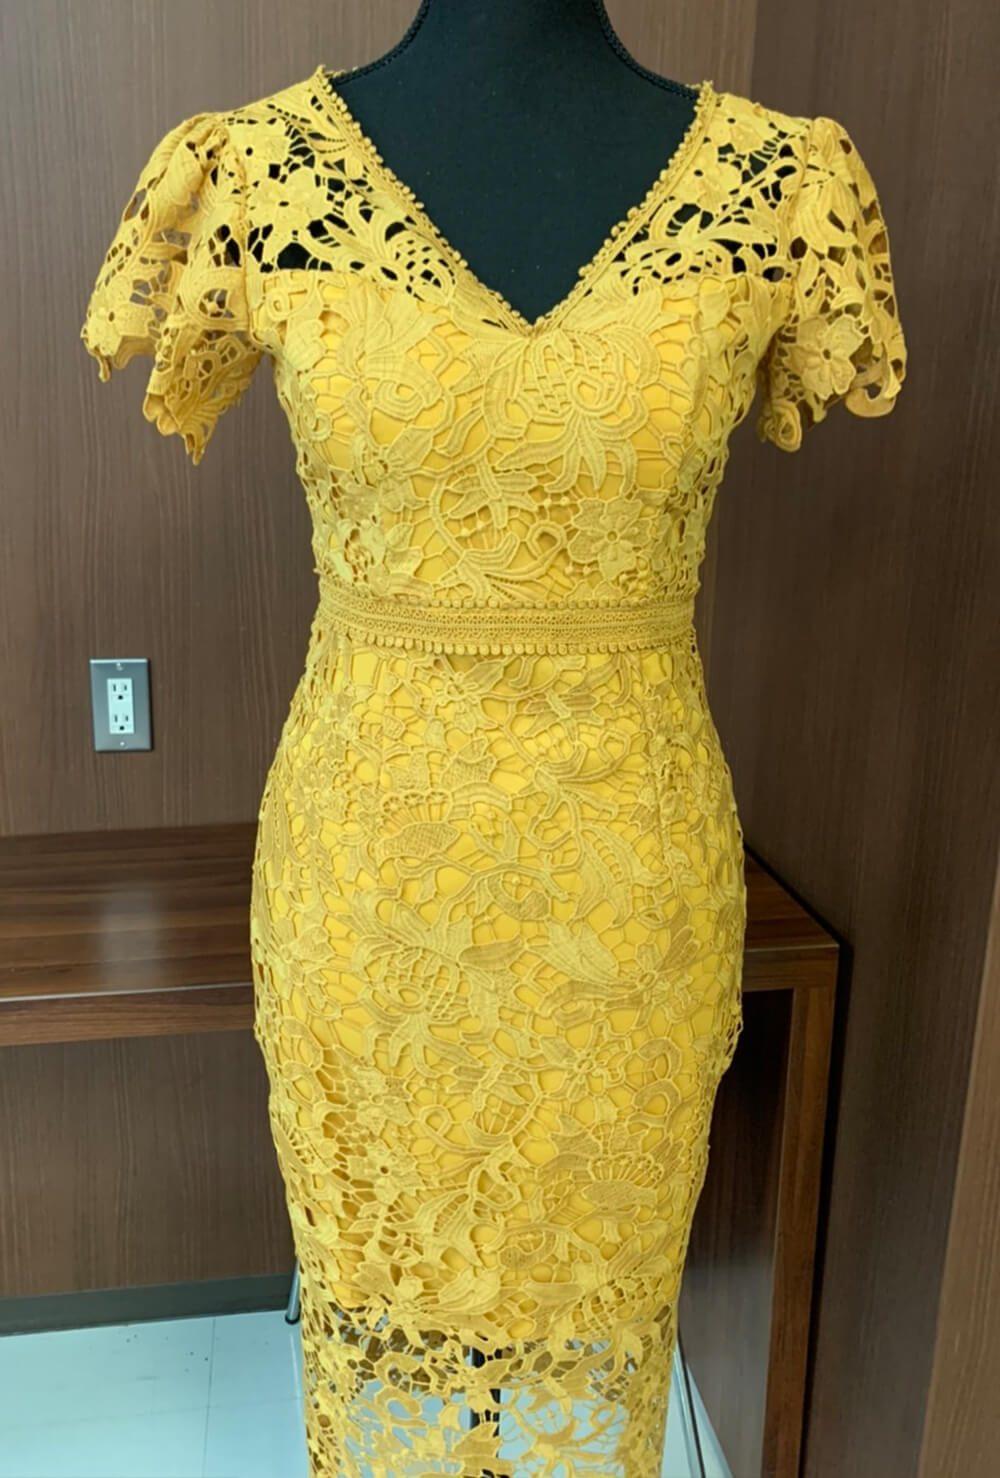 太陽みたいな明るいイエローのドレス